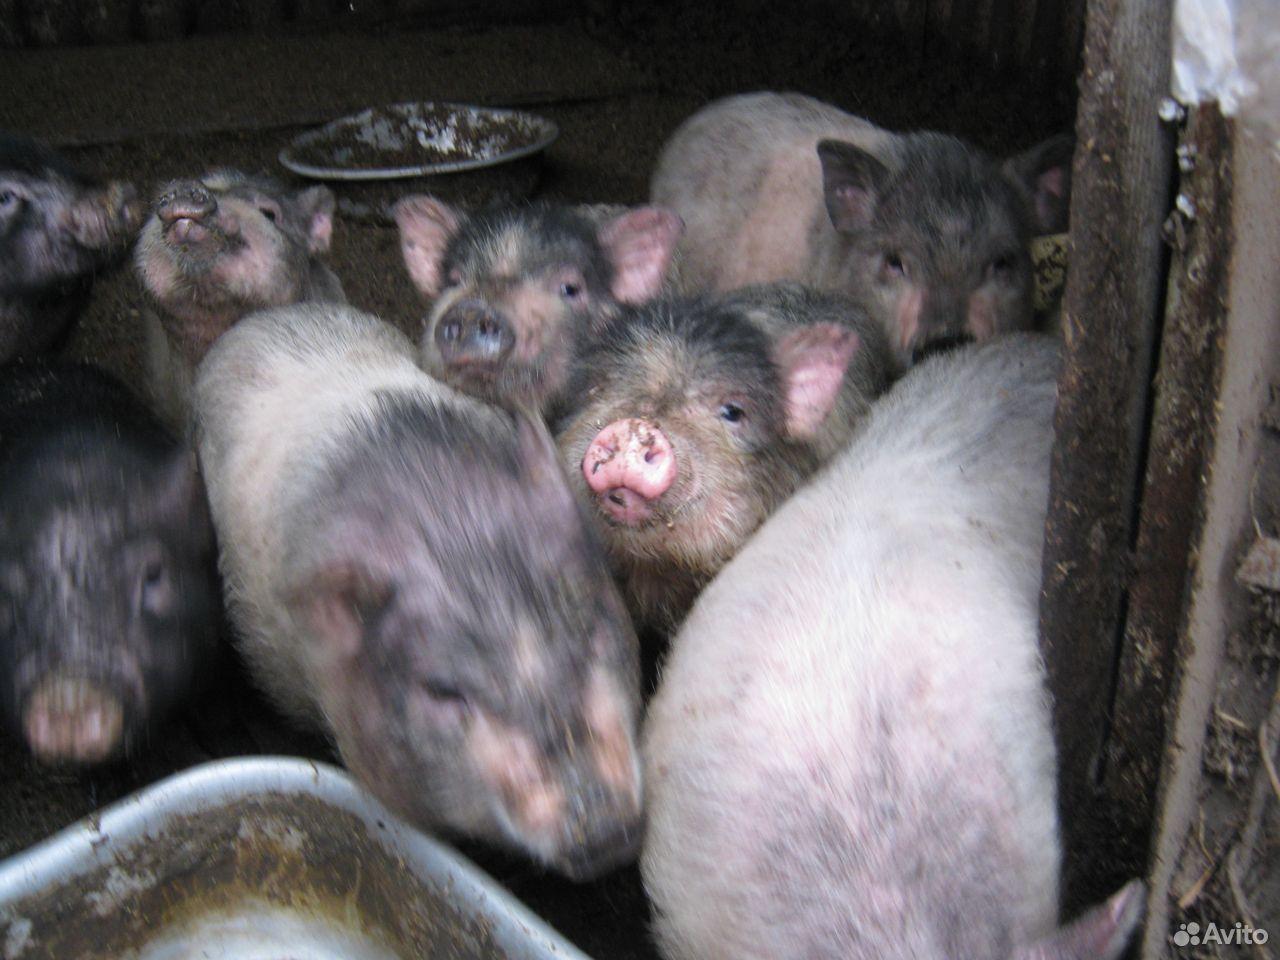 Вьетнамские свини  89283185709 купить 1